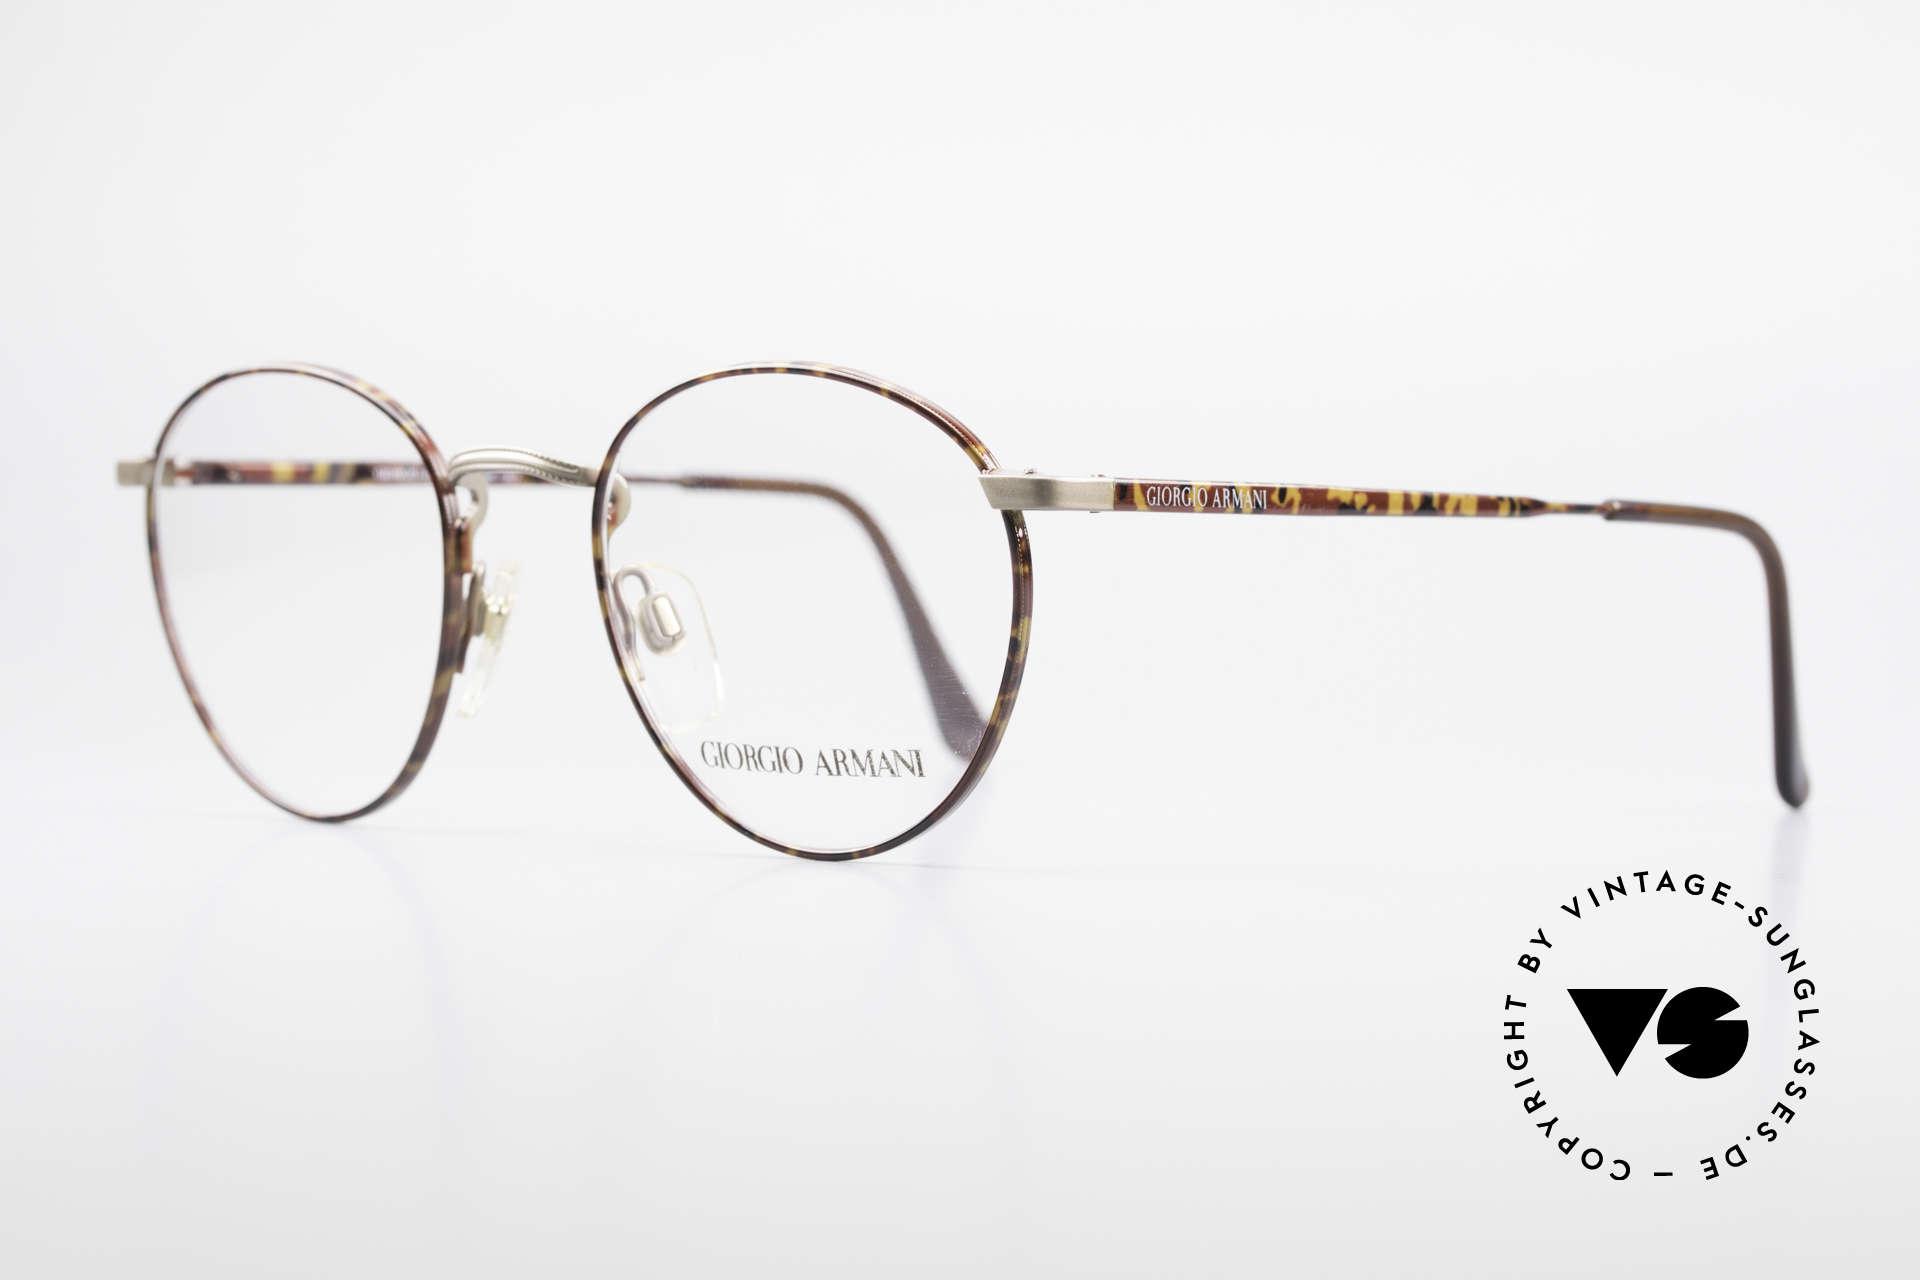 Giorgio Armani 166 No Retro Brille 80er Panto, elegante Lackierung in grau und kastanien-braun, Passend für Herren